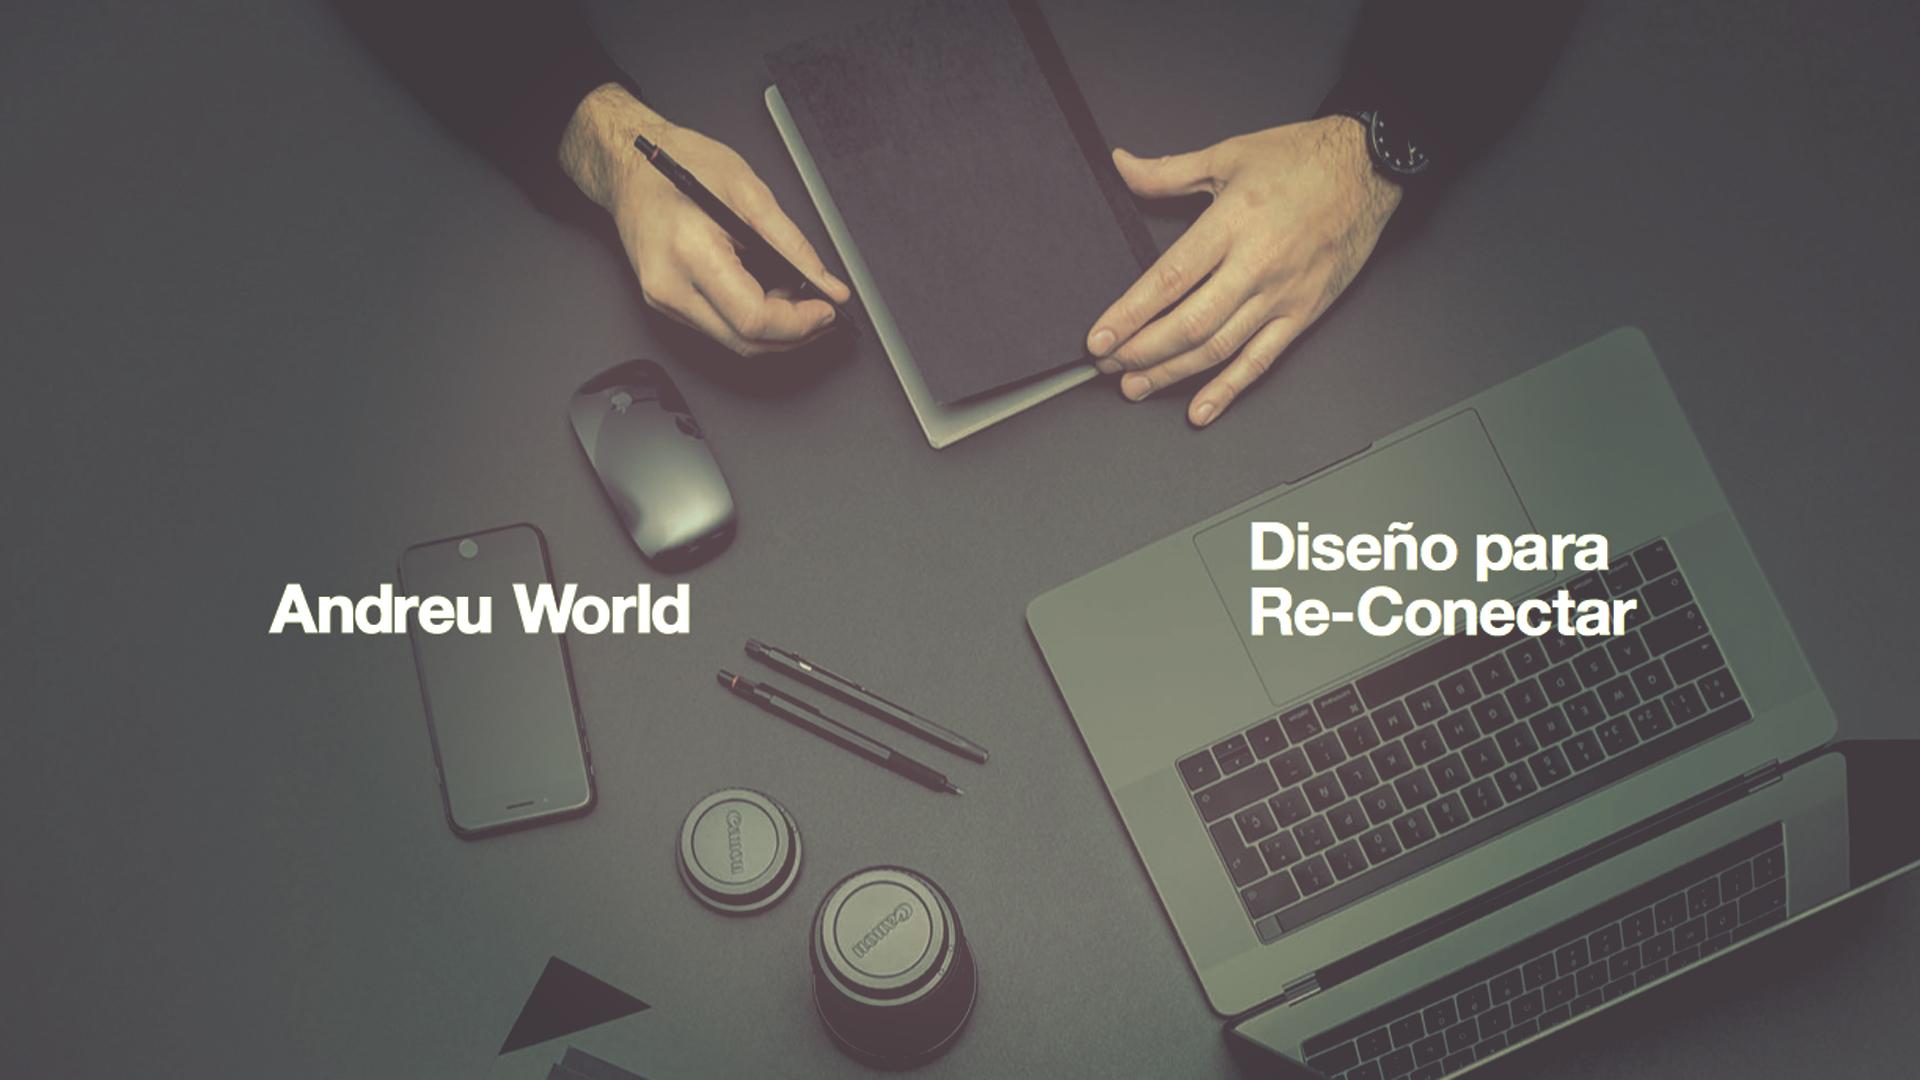 """""""Diseño para Re-Conectar"""" – La propuesta de Andreu World"""